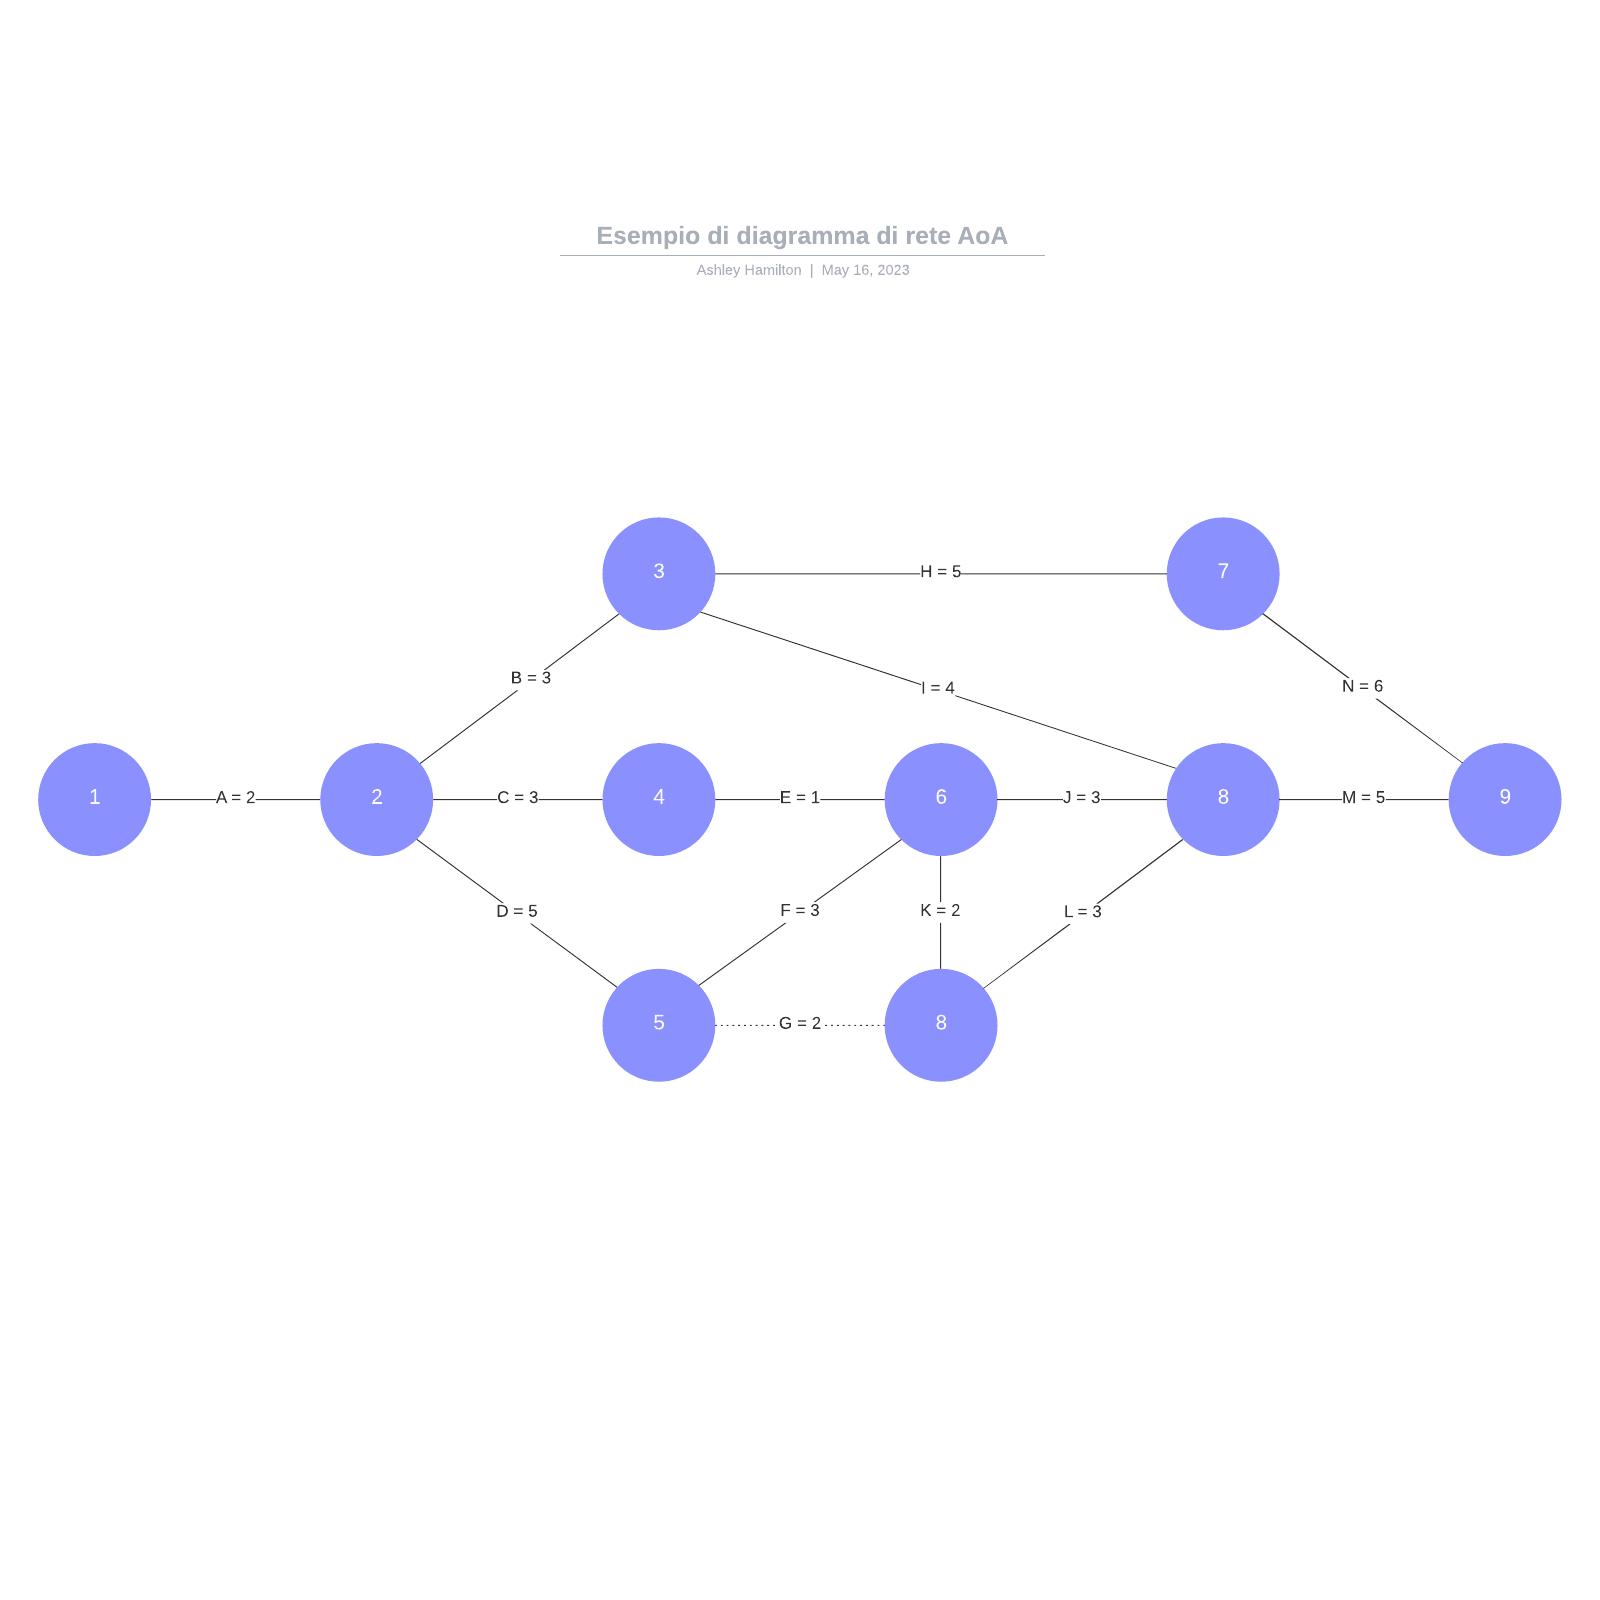 Esempio di diagramma di rete AoA